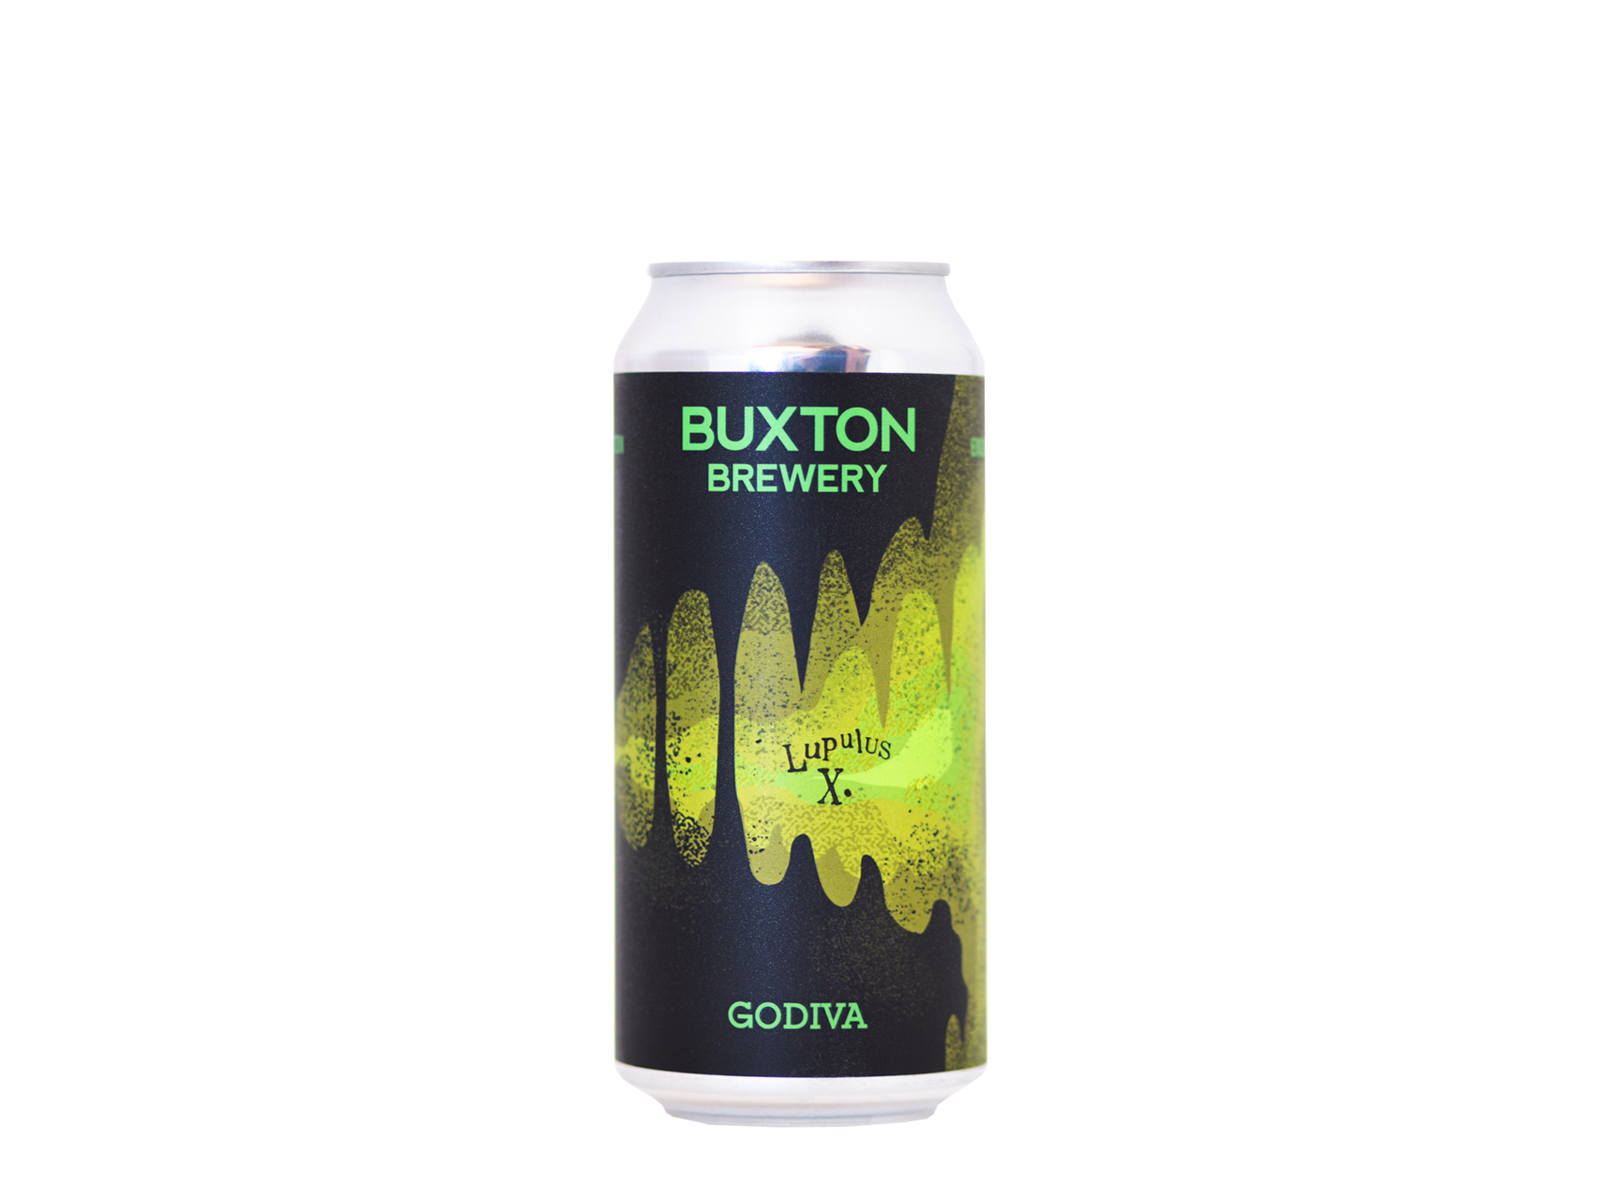 Buxton / LupulusX Godiva SH IPA